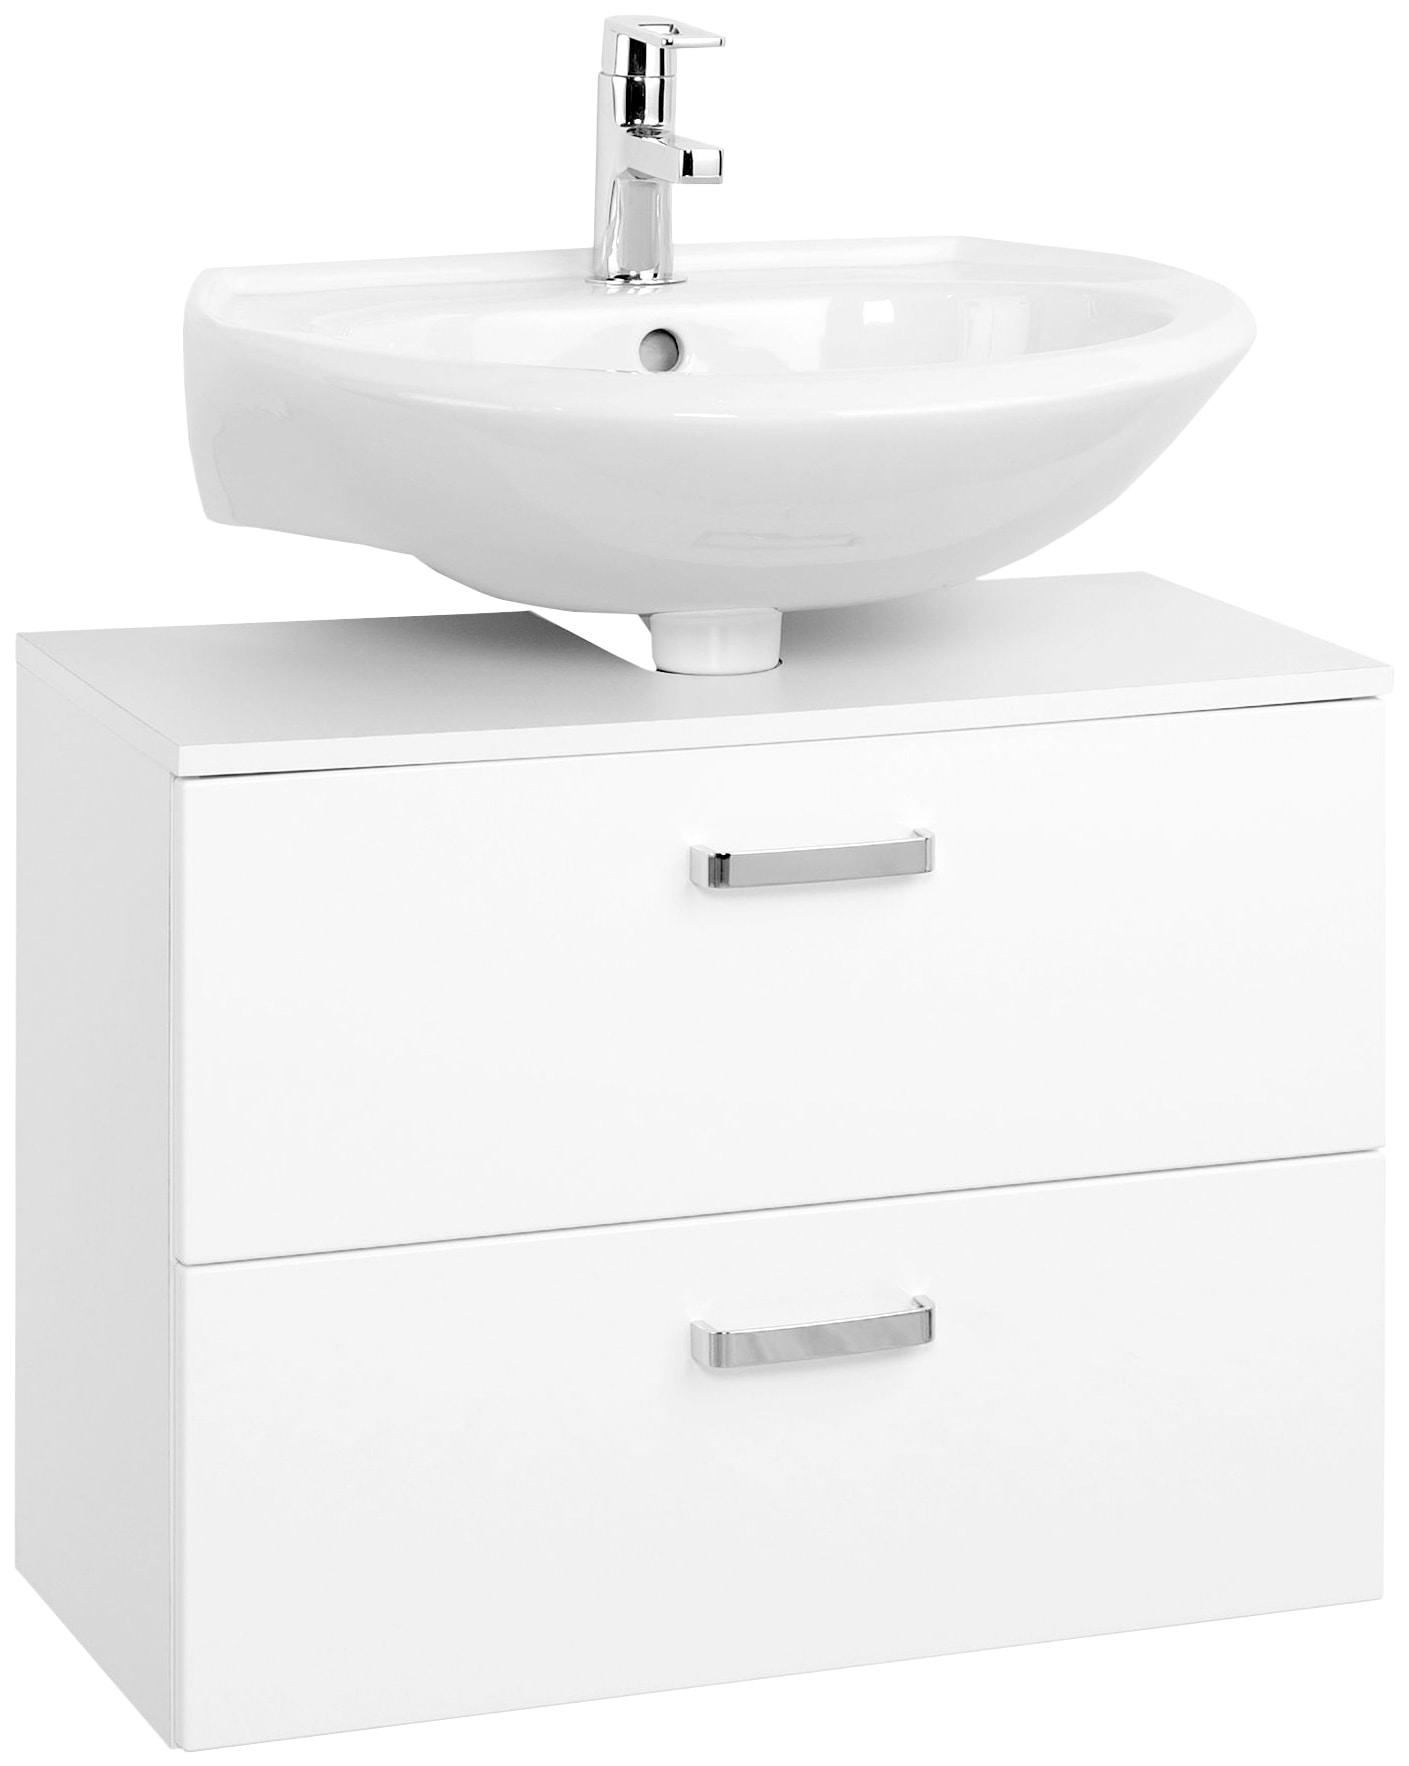 waschbeckenunterschrank breite 70 cm kaufen bei otto. Black Bedroom Furniture Sets. Home Design Ideas